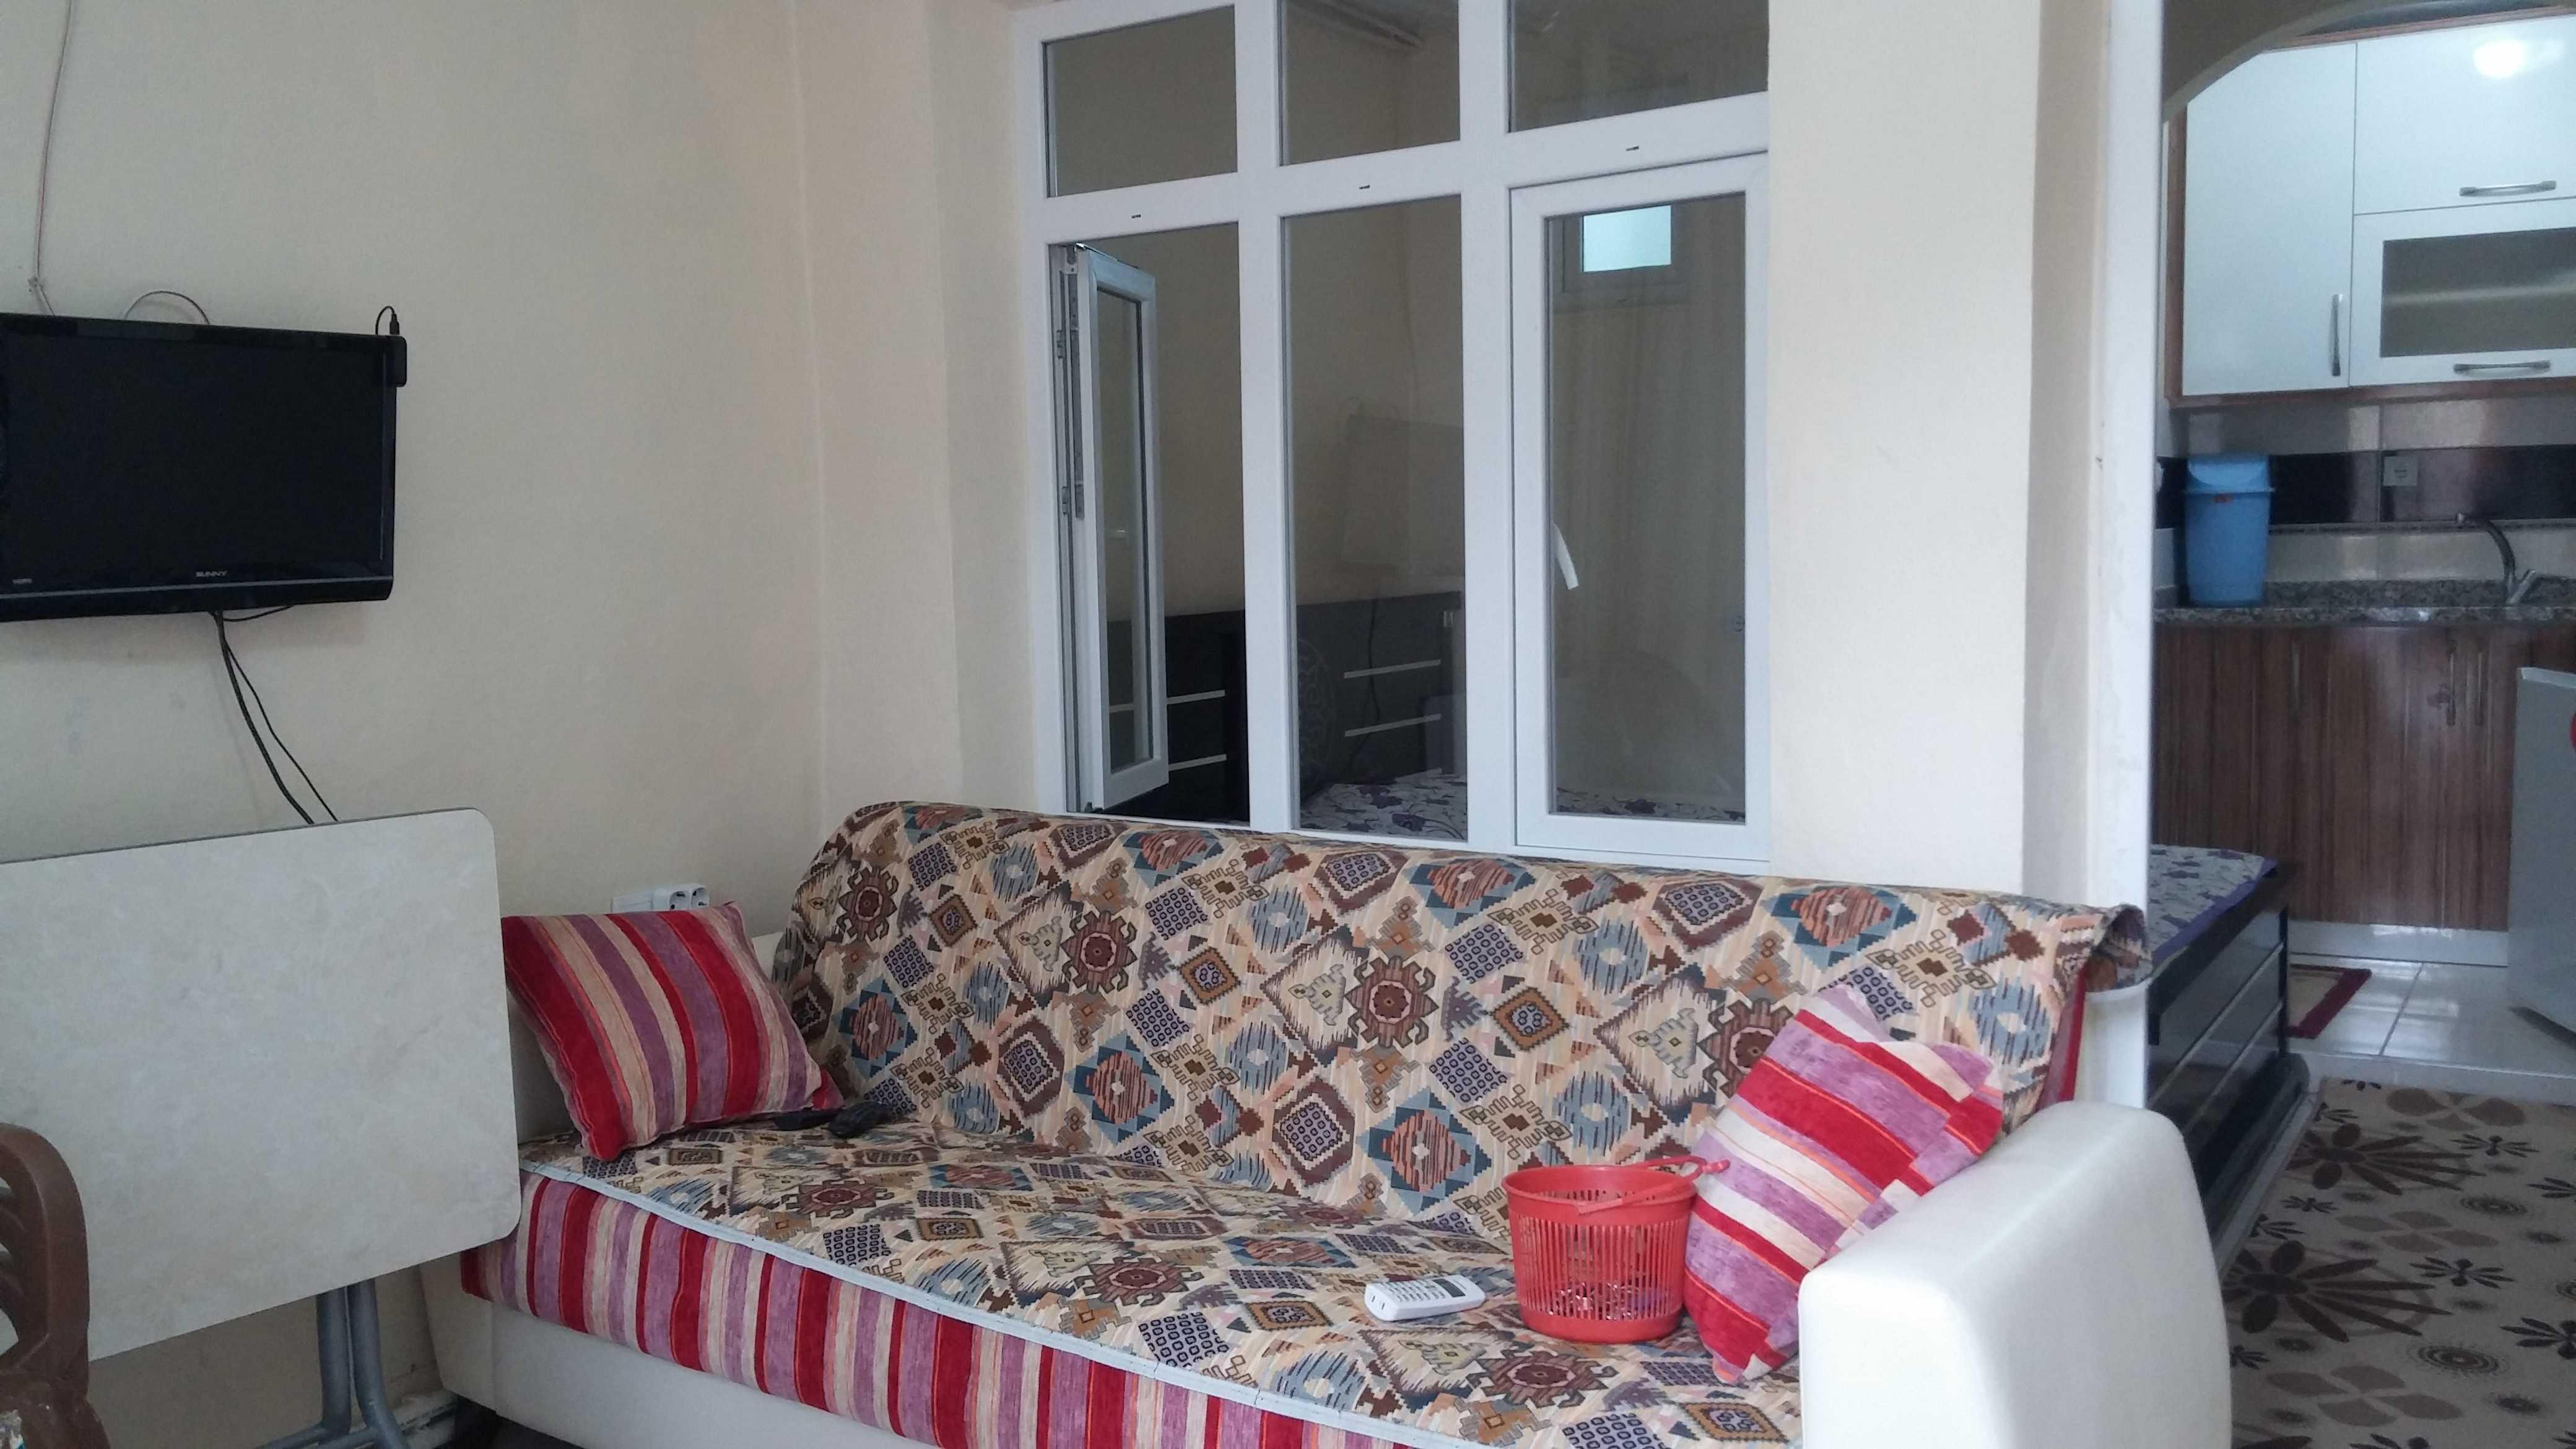 ciftehan cevik pansiyon 1+1 oda içi fotoğraf-LCD TV ve oturma odası-3